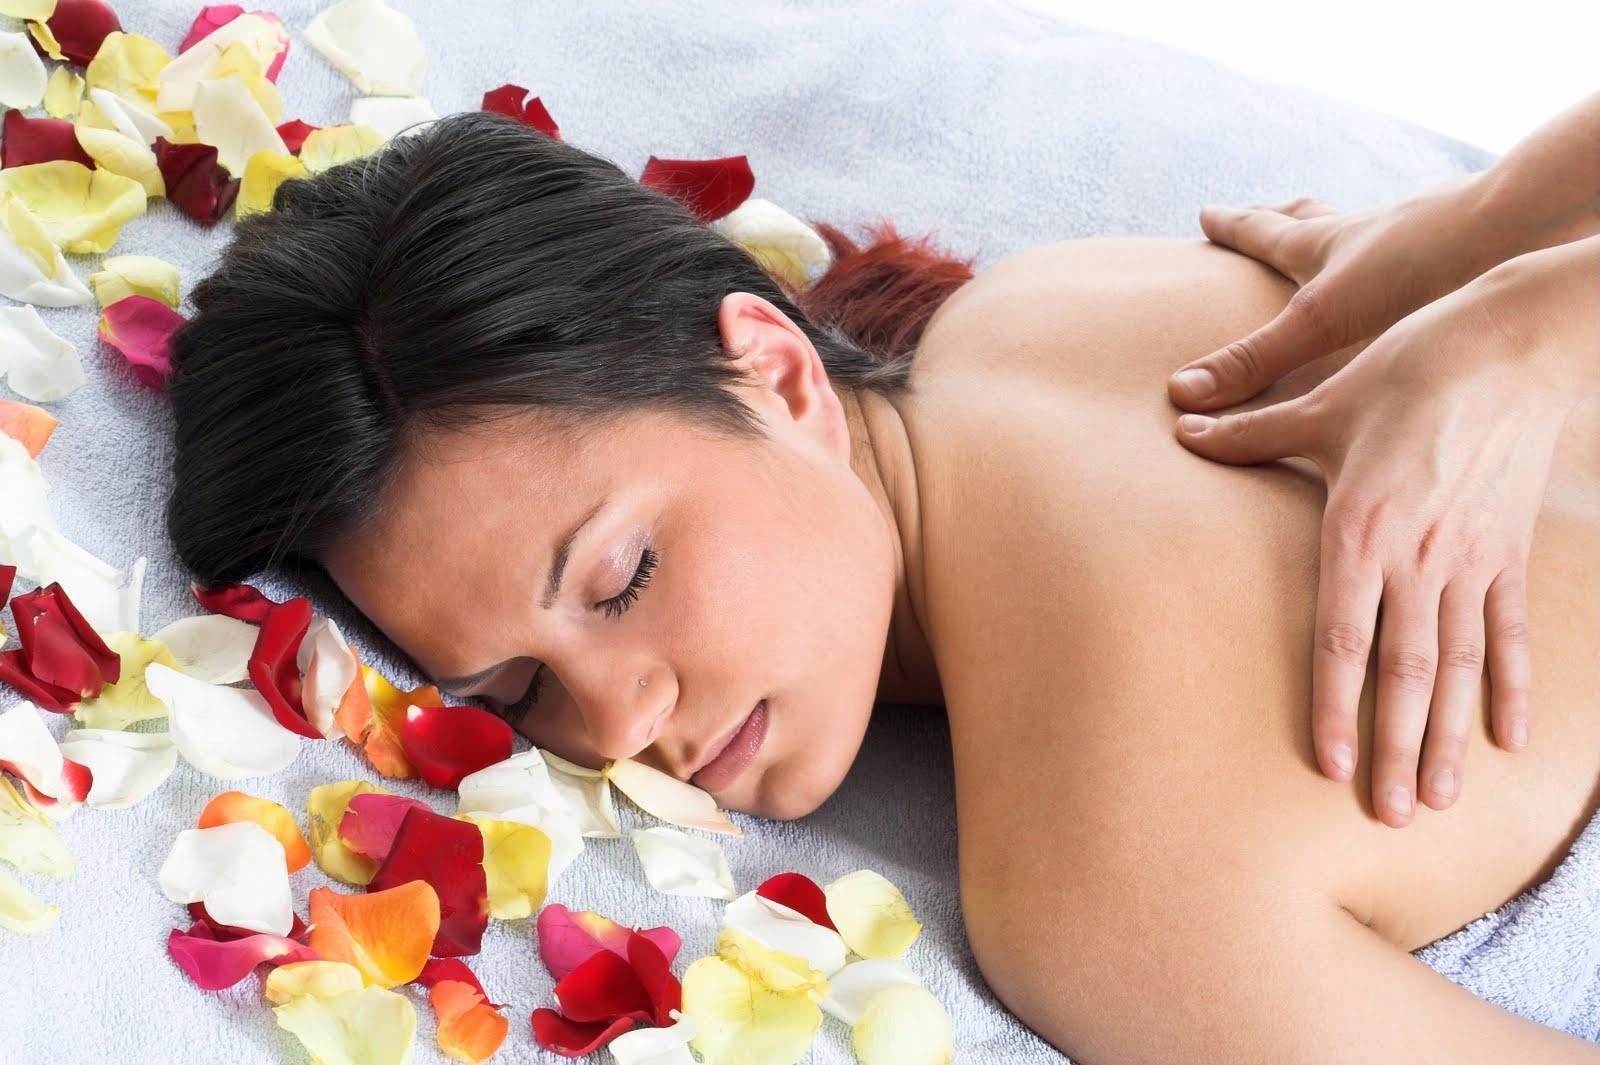 Massagem Terapêutica | Estilos De Massagem E Seus Benefícios Para A Saúde